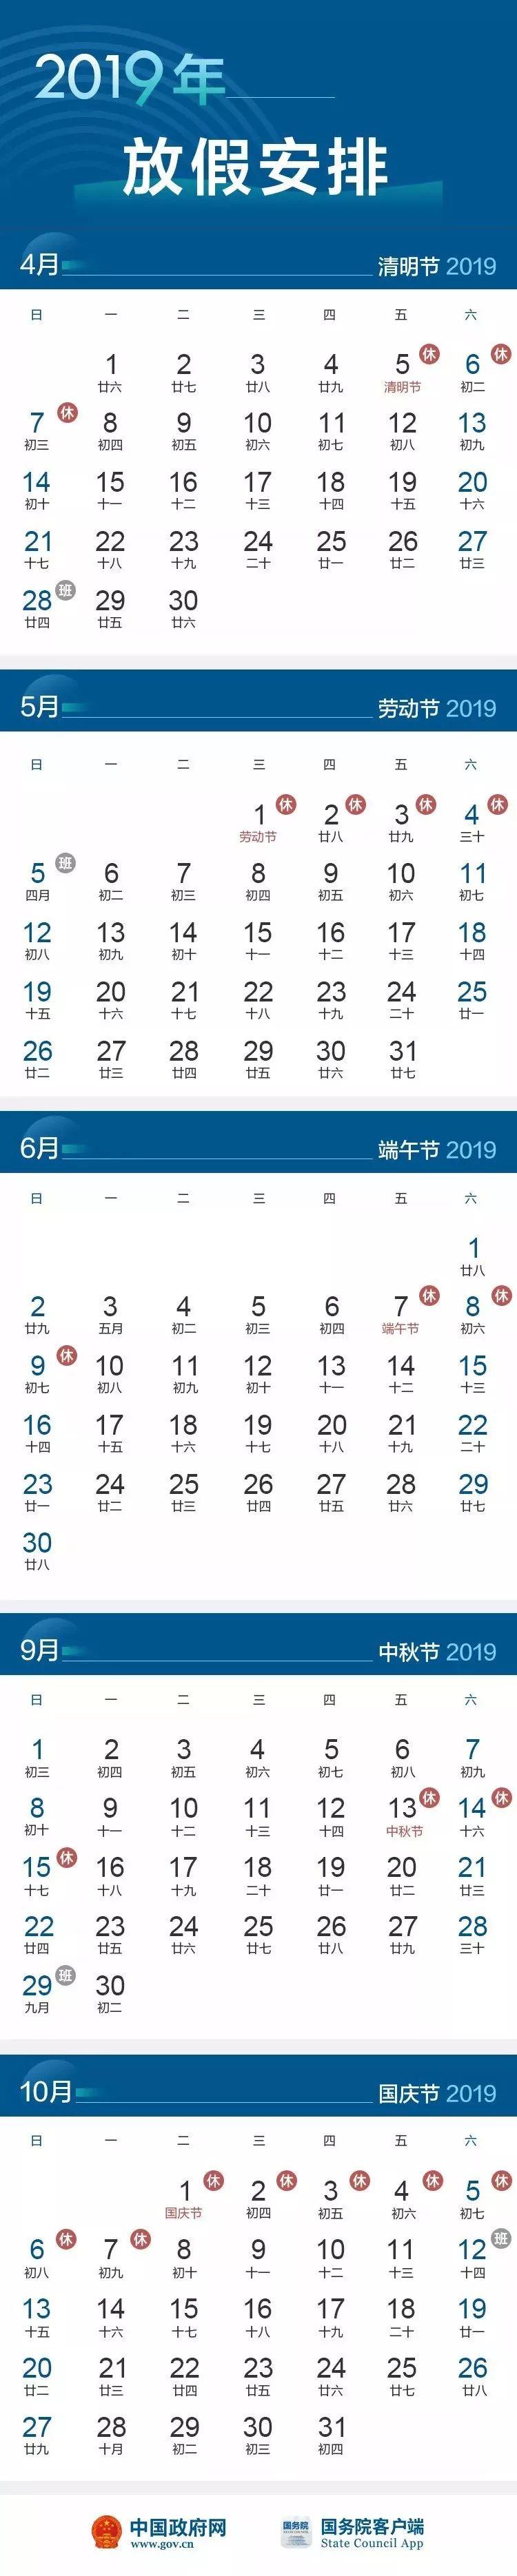 2019五一假期调整 5月1日-4日放假调休共4天